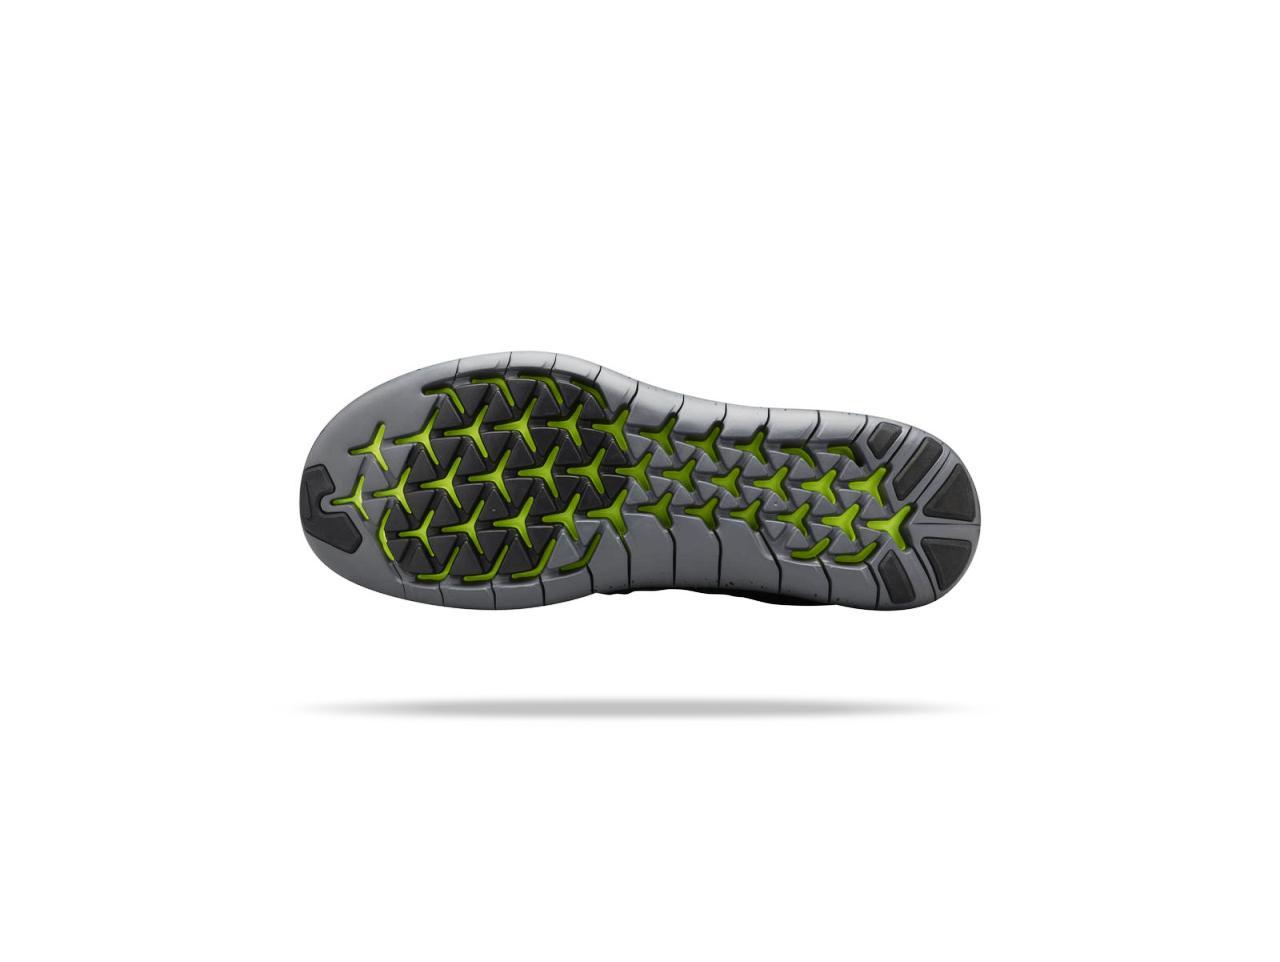 NikeLab Free Run shoe salone milan 2016 (2)